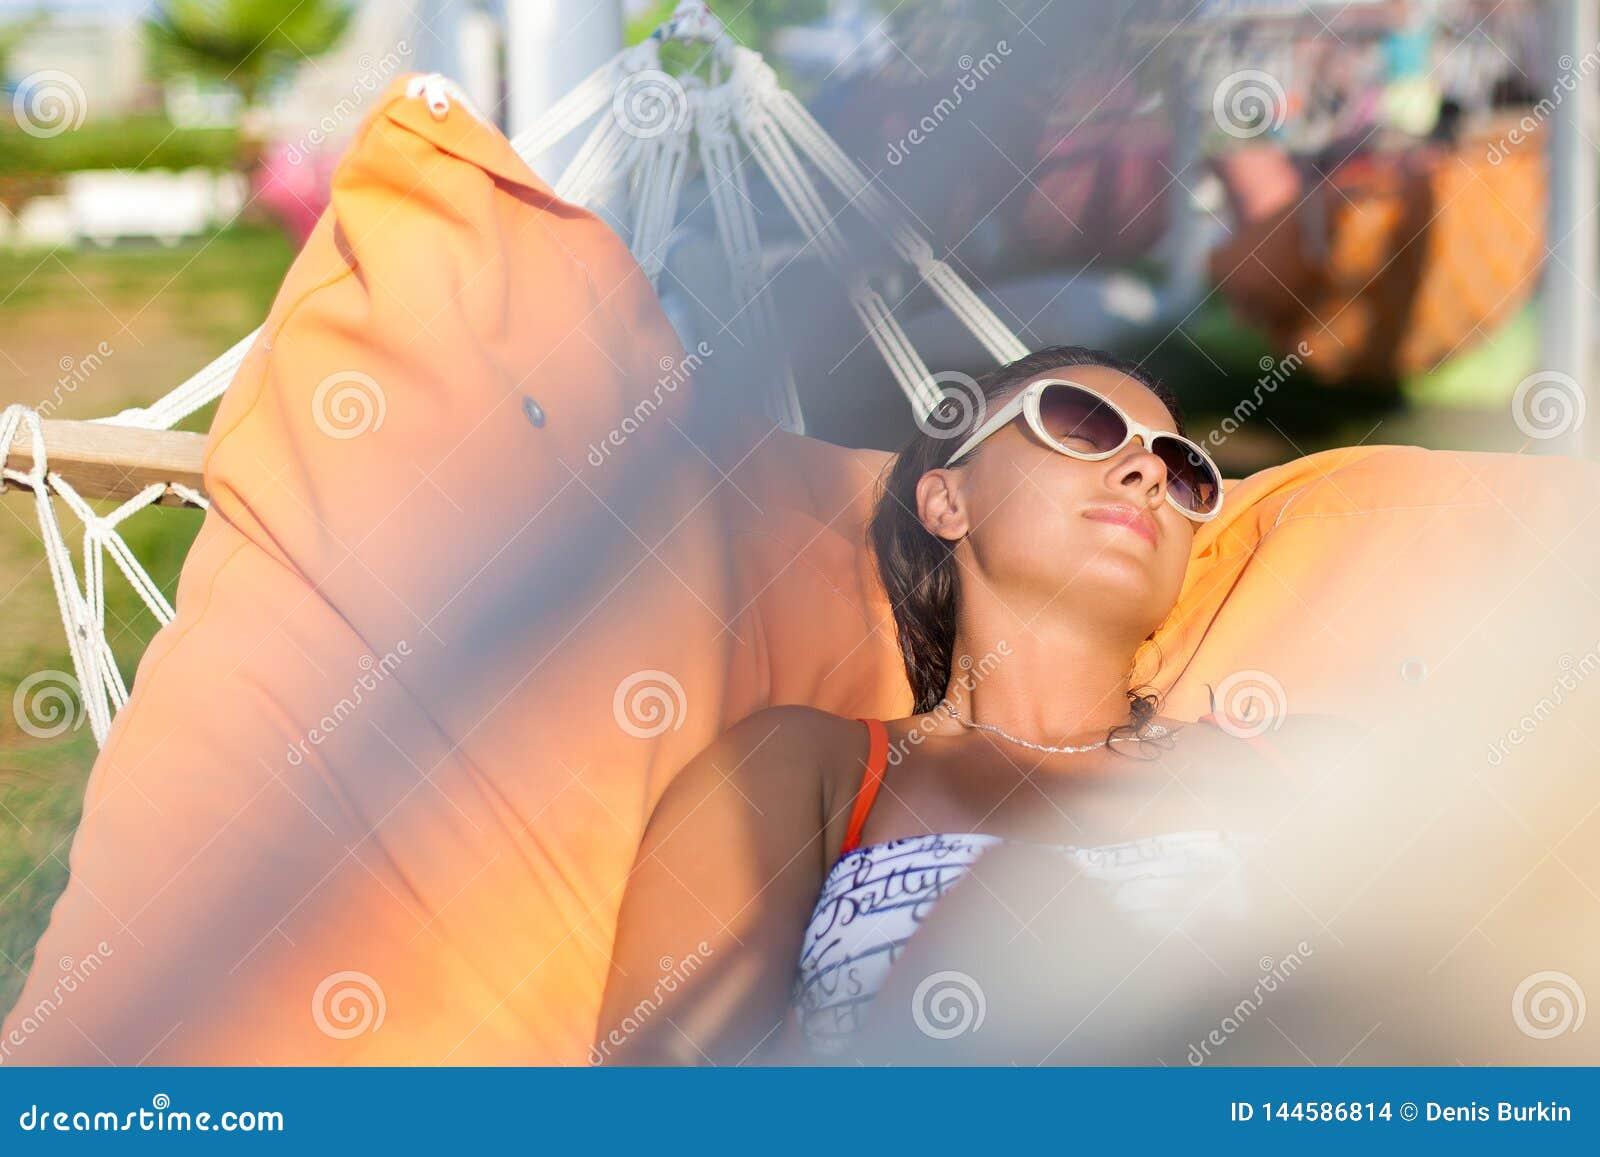 Vrouw die op hangmat liggen Hete zonnige dag Het ontspannen van de vrouw in de hangmat Close-up van een Jonge Gelukkige Vrouw die